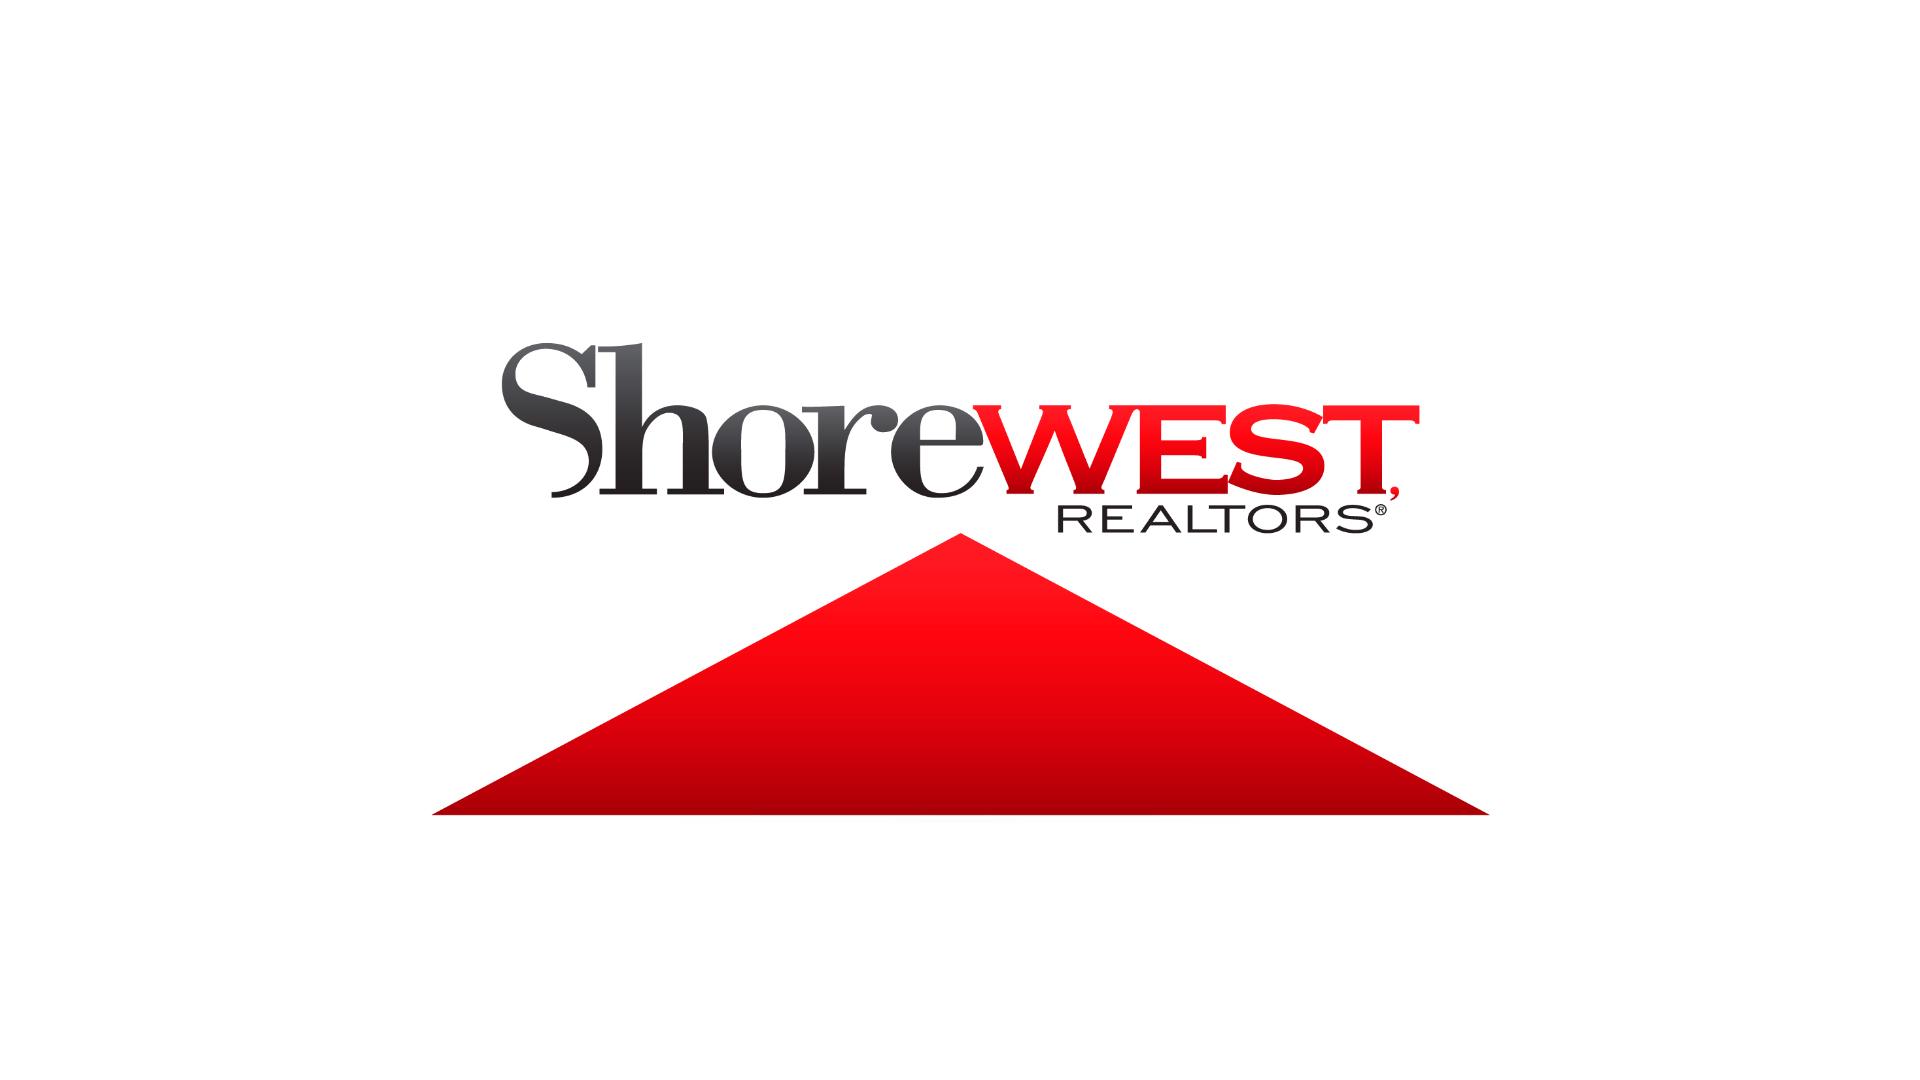 shorewest 1920x1080